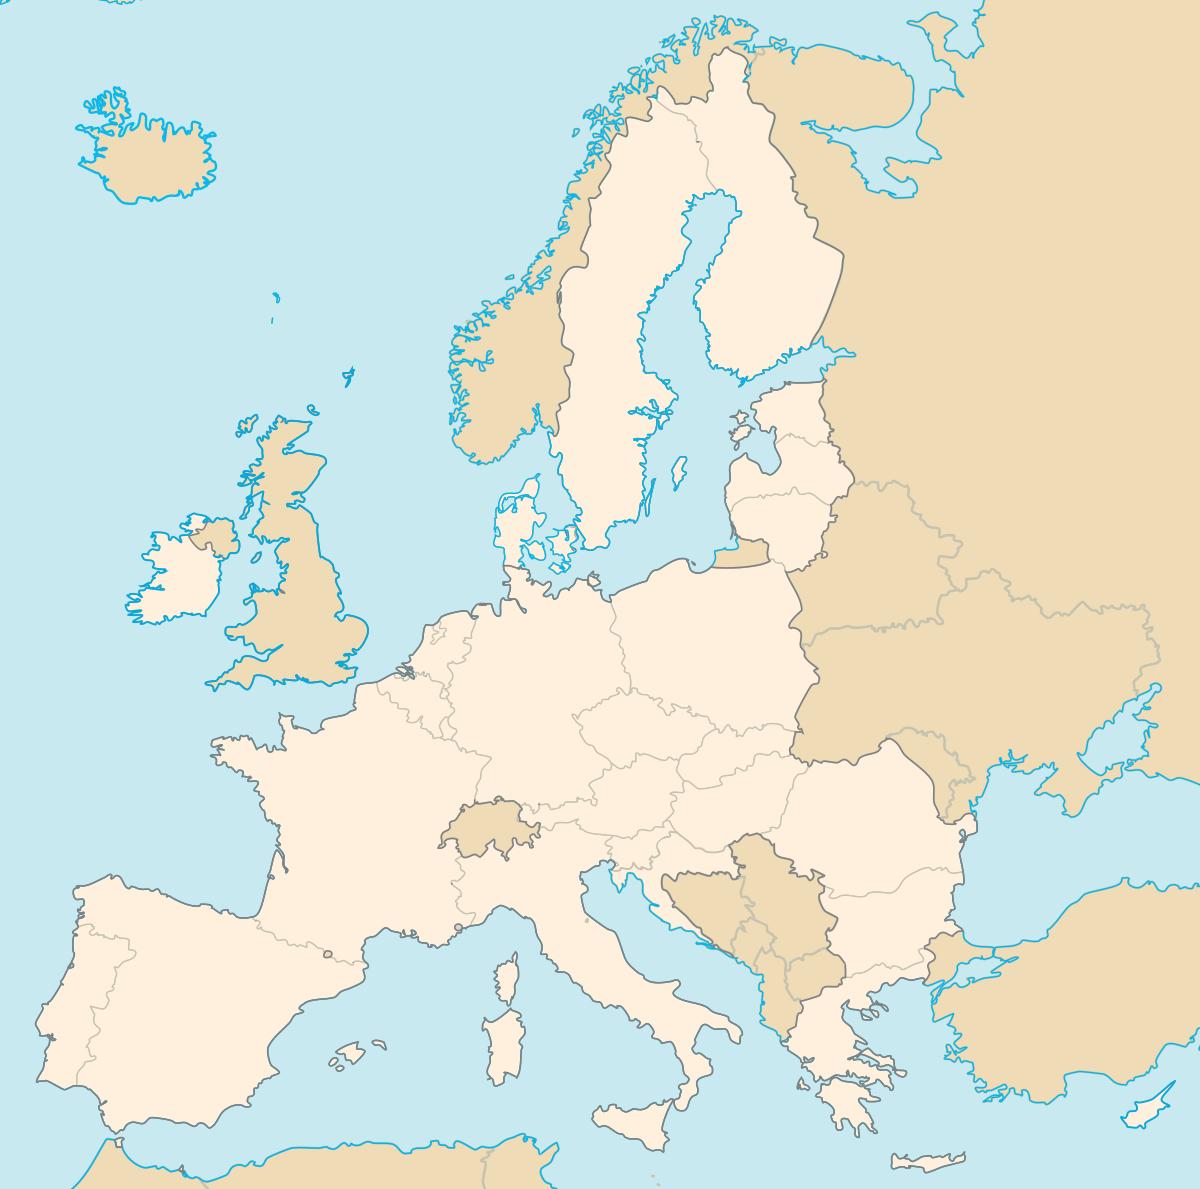 États Membres De L'union Européenne — Wikipédia intérieur Carte Pays Union Européenne